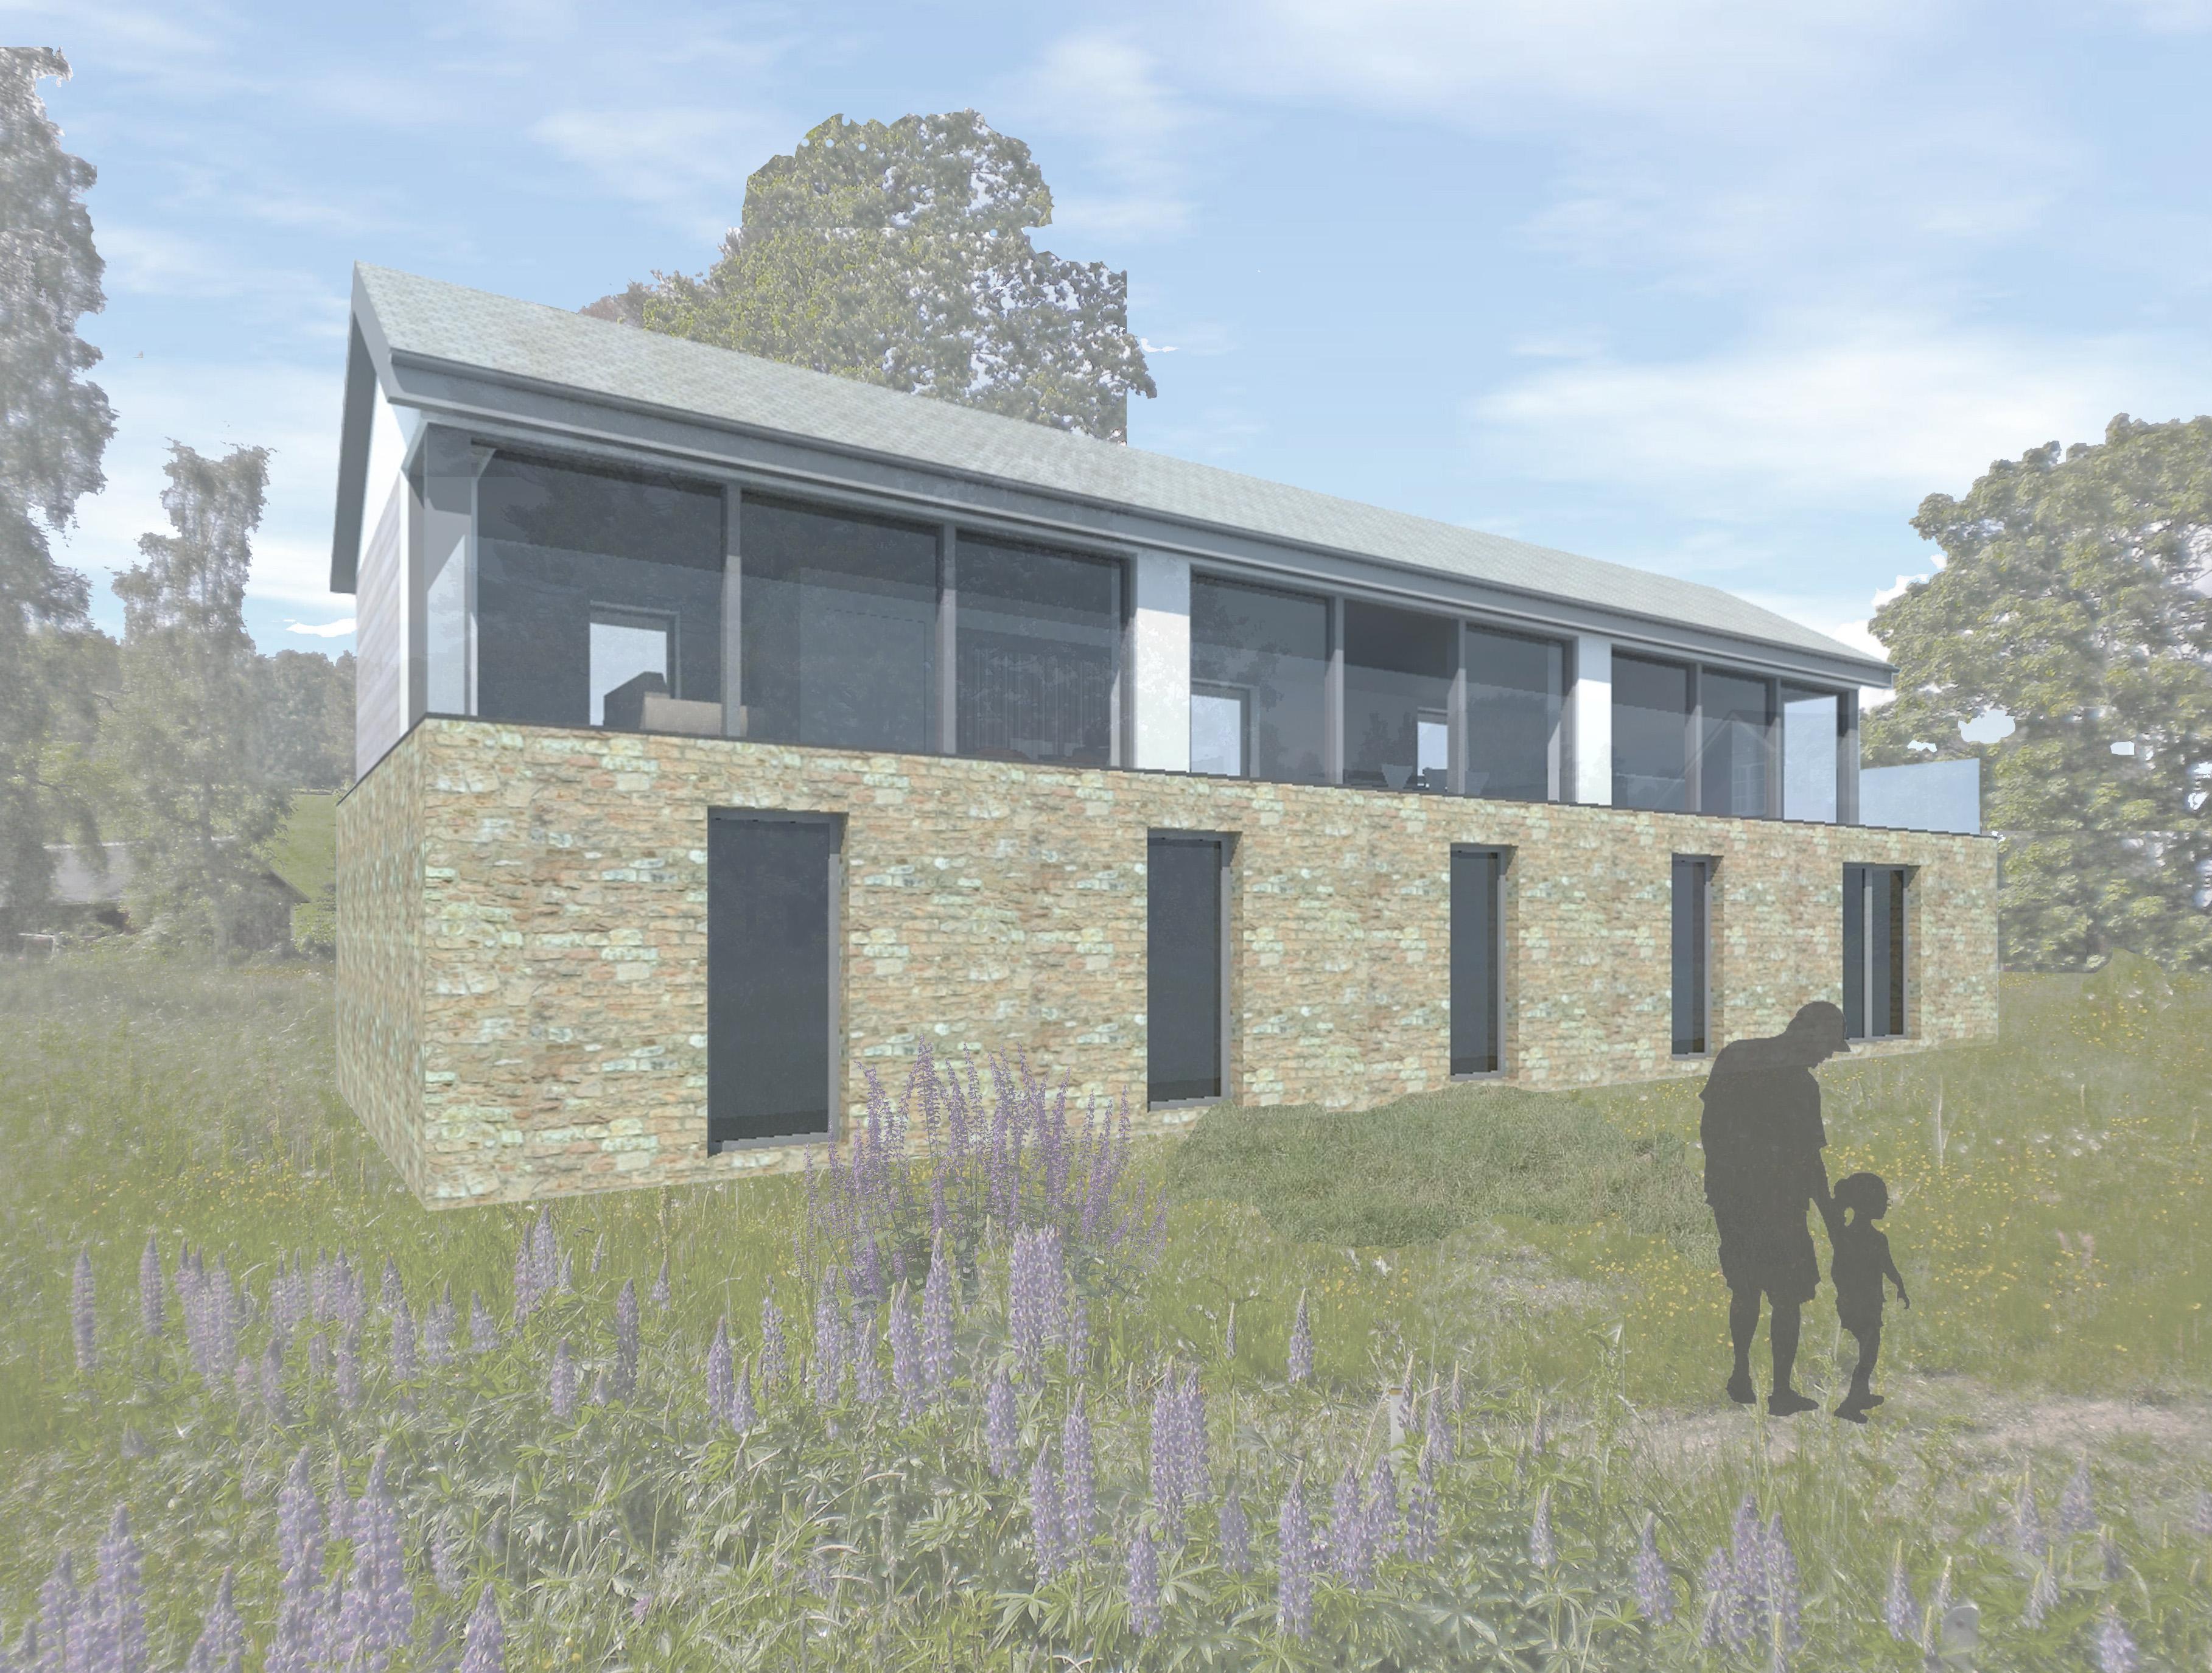 new Passivhaus Wiltshire